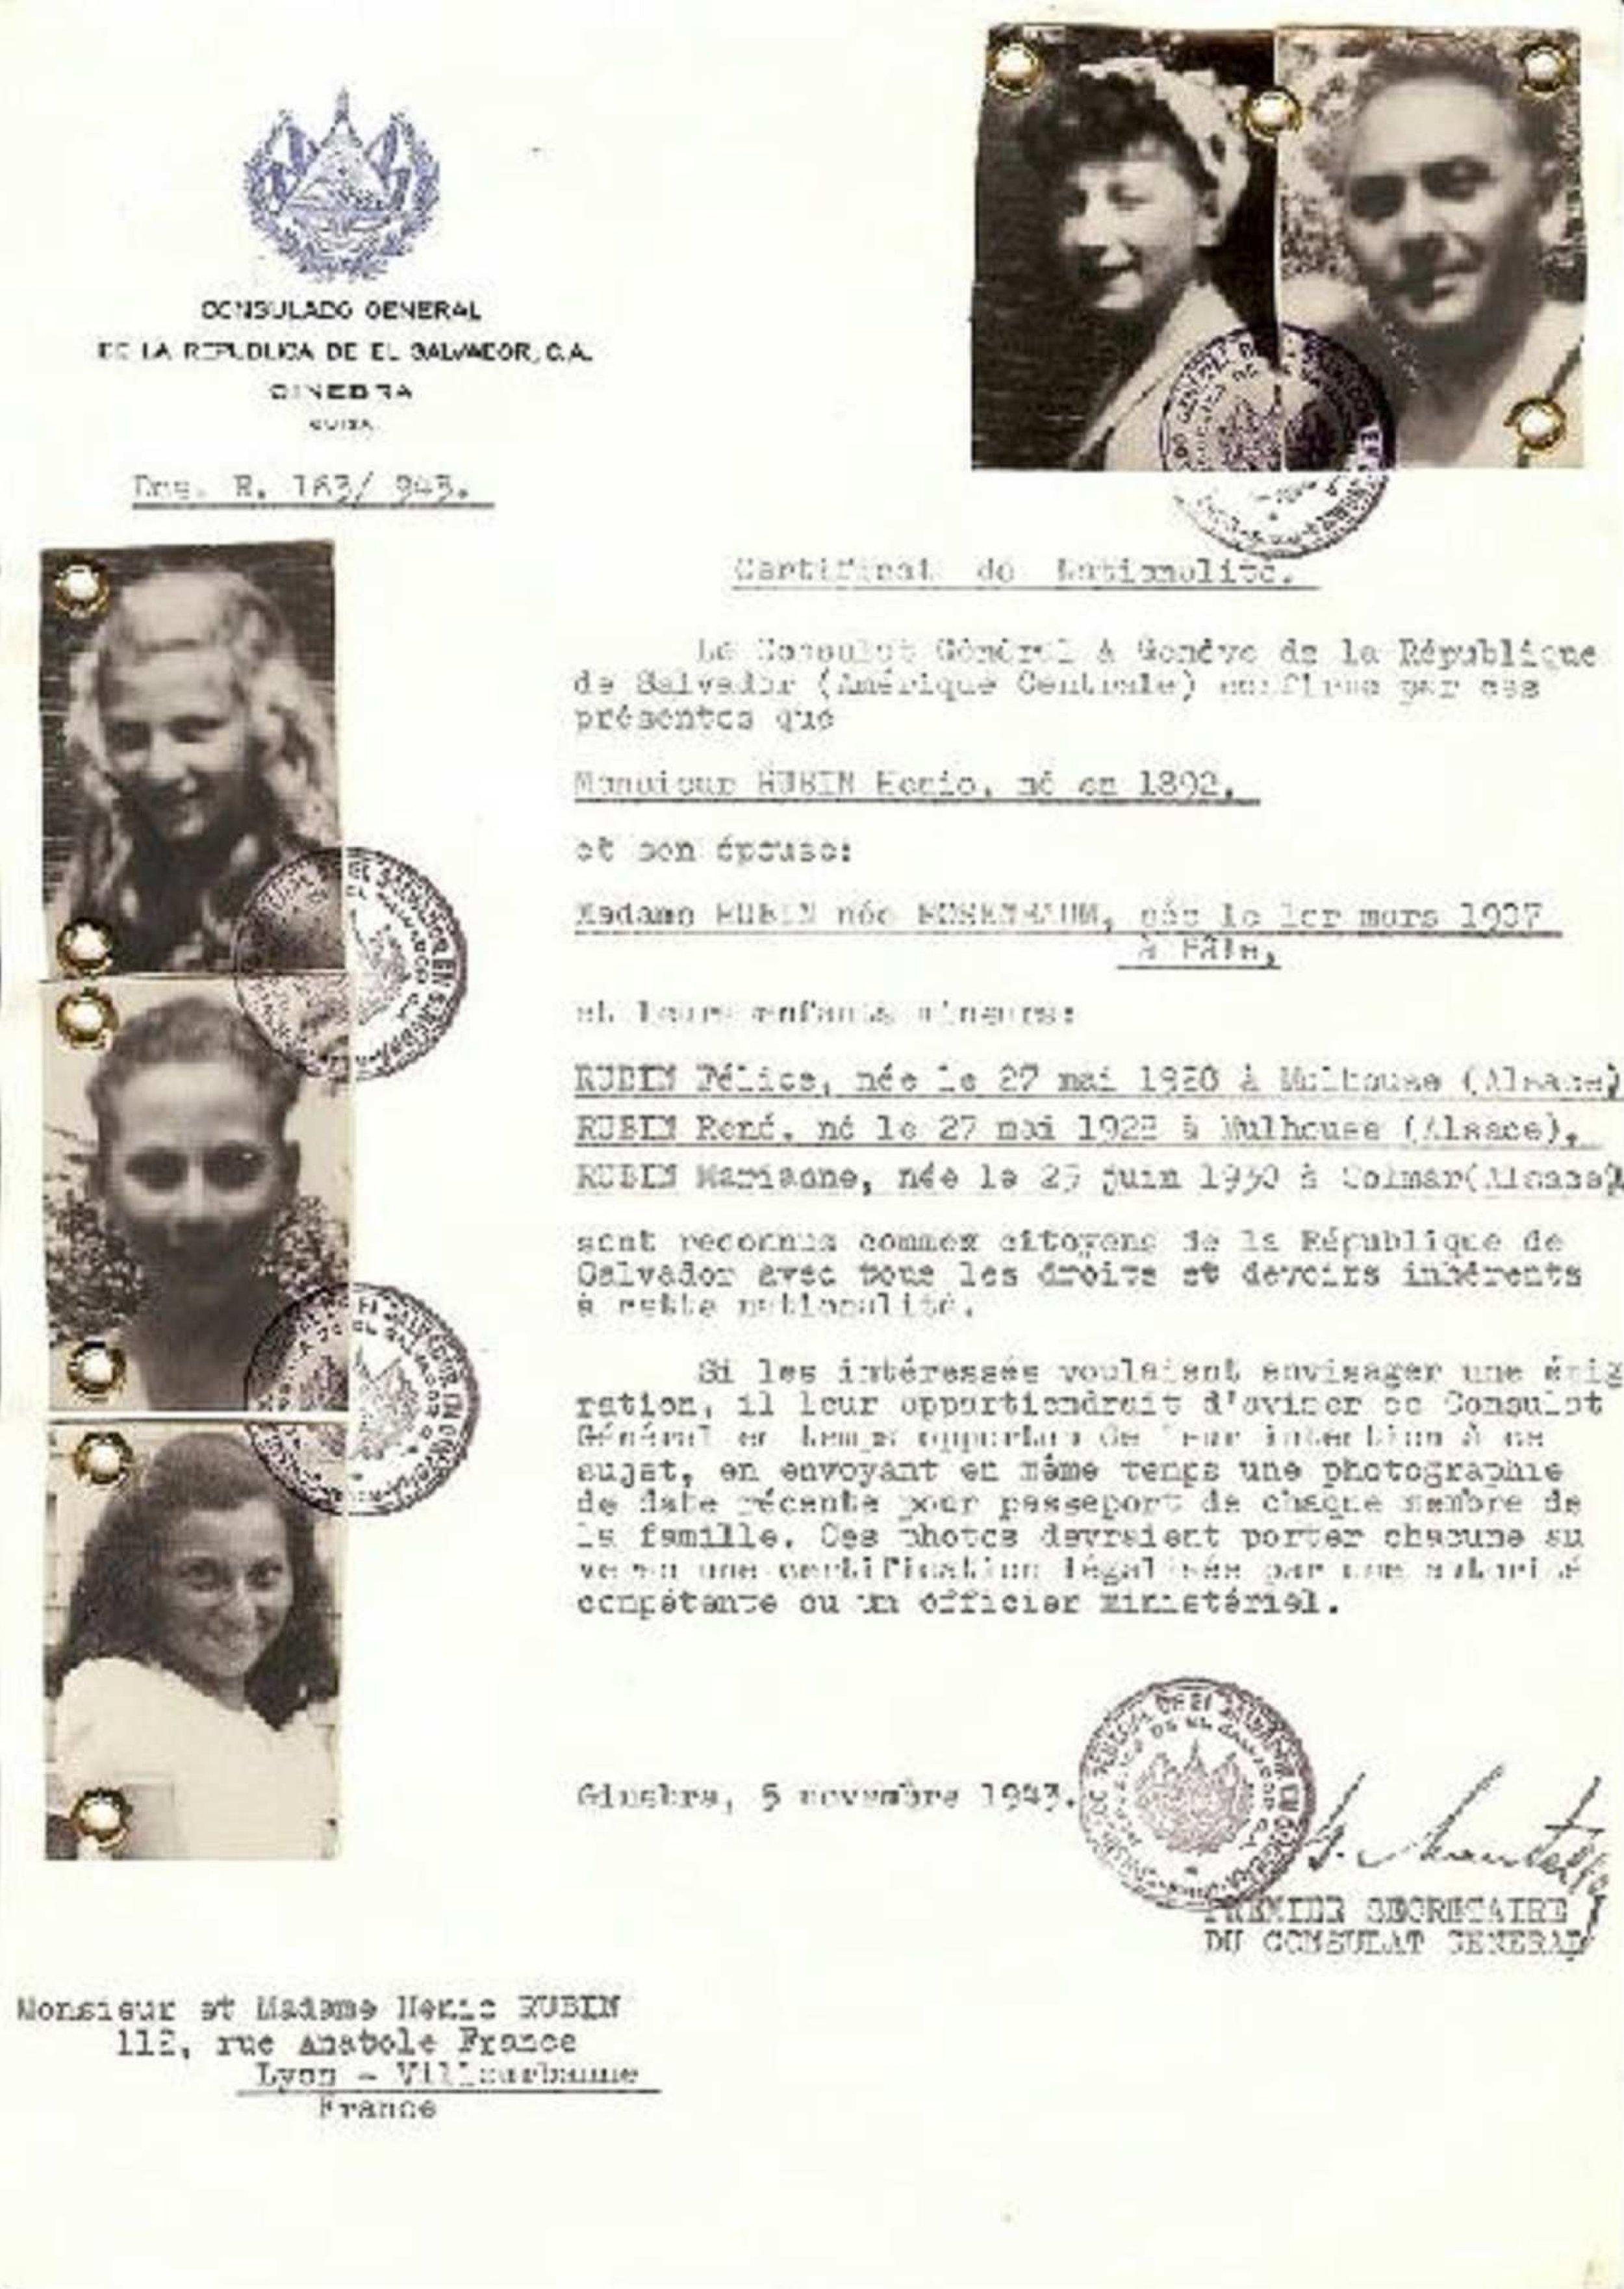 Famille Rubin Certificat de de nationalité du consul général de la République du Salvador, parvenu à leur domicile, pendant leur déportation